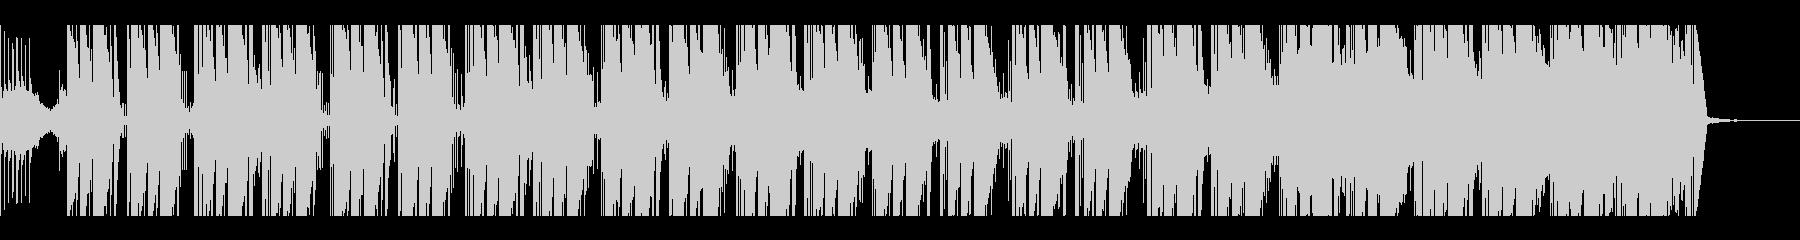 プラウドウォーク、モダン、ヒップホップの未再生の波形